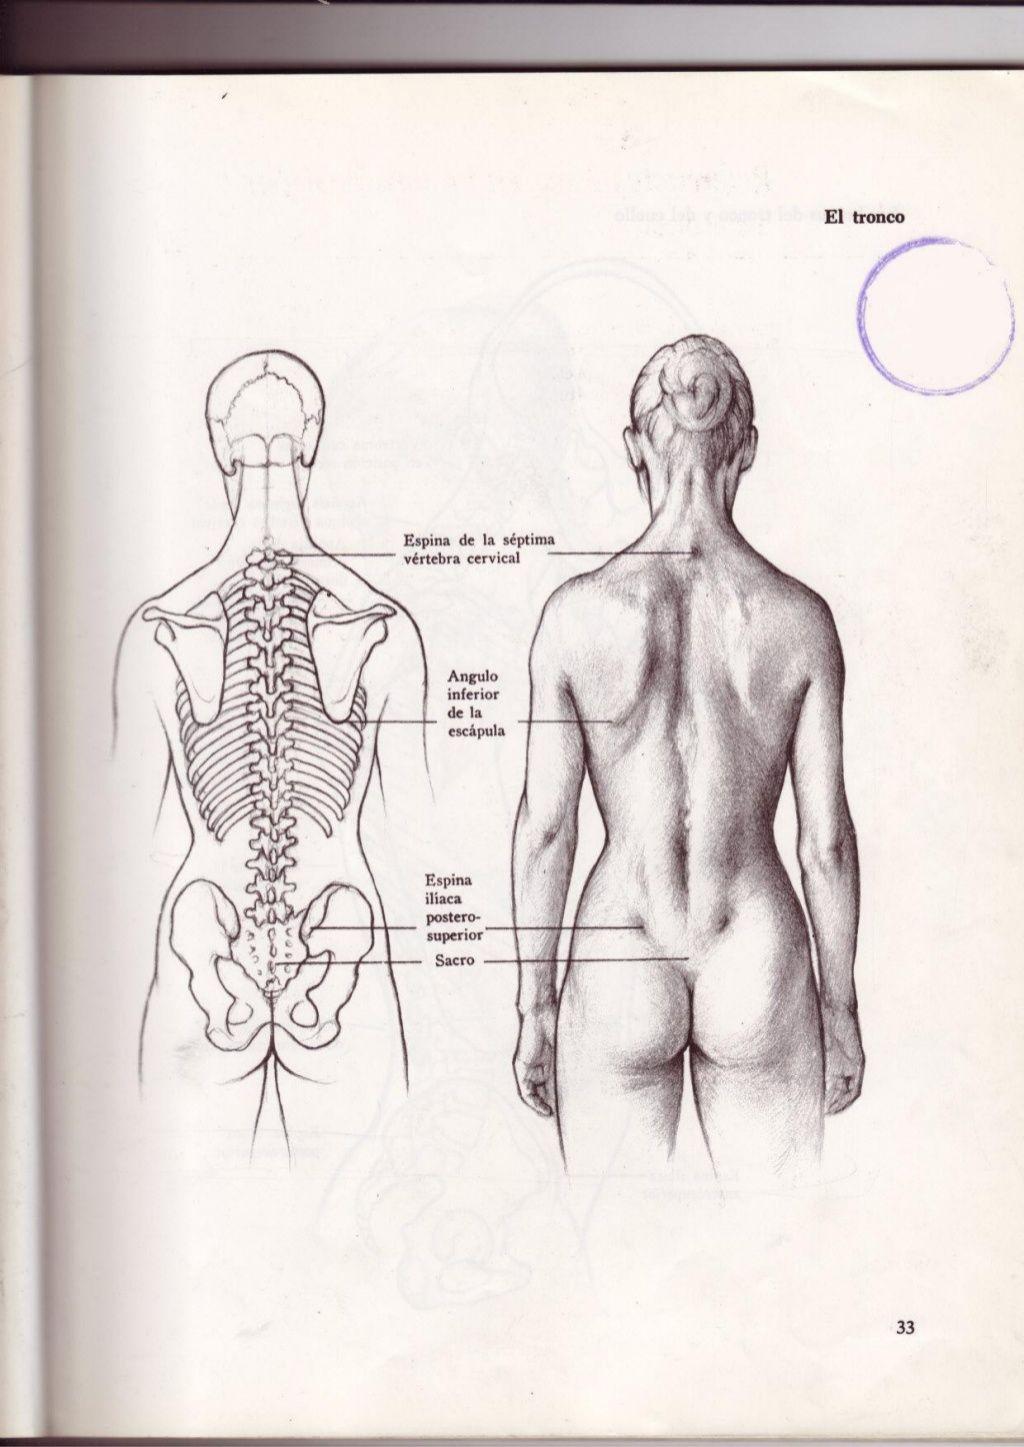 Dibujo anatómico de la figura humana hun | Dibujo | Pinterest